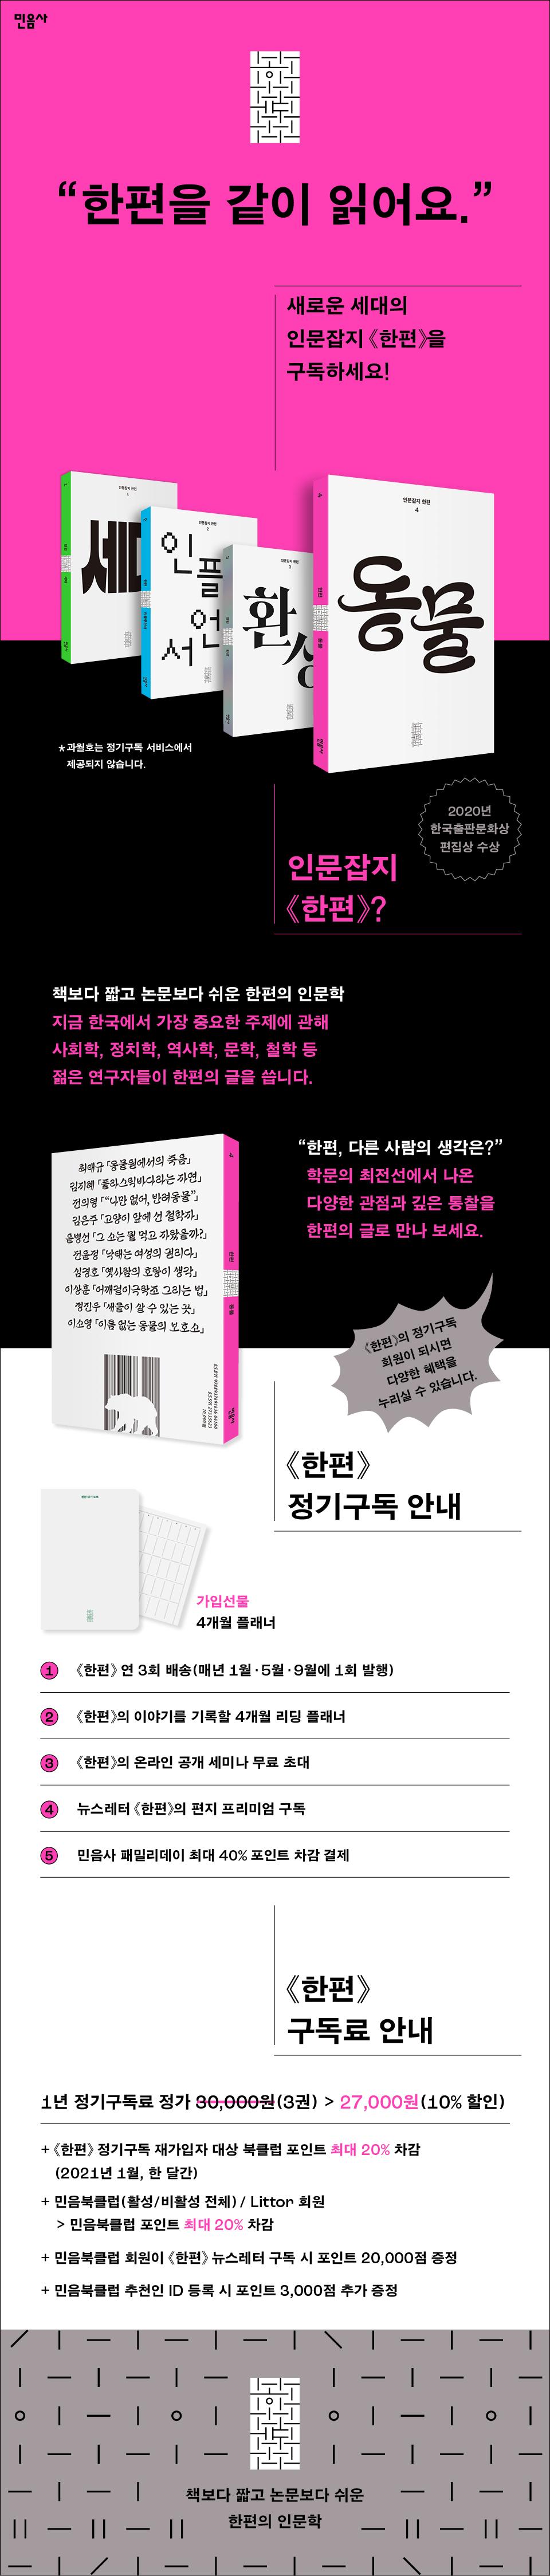 04_한편_동물_정기구독